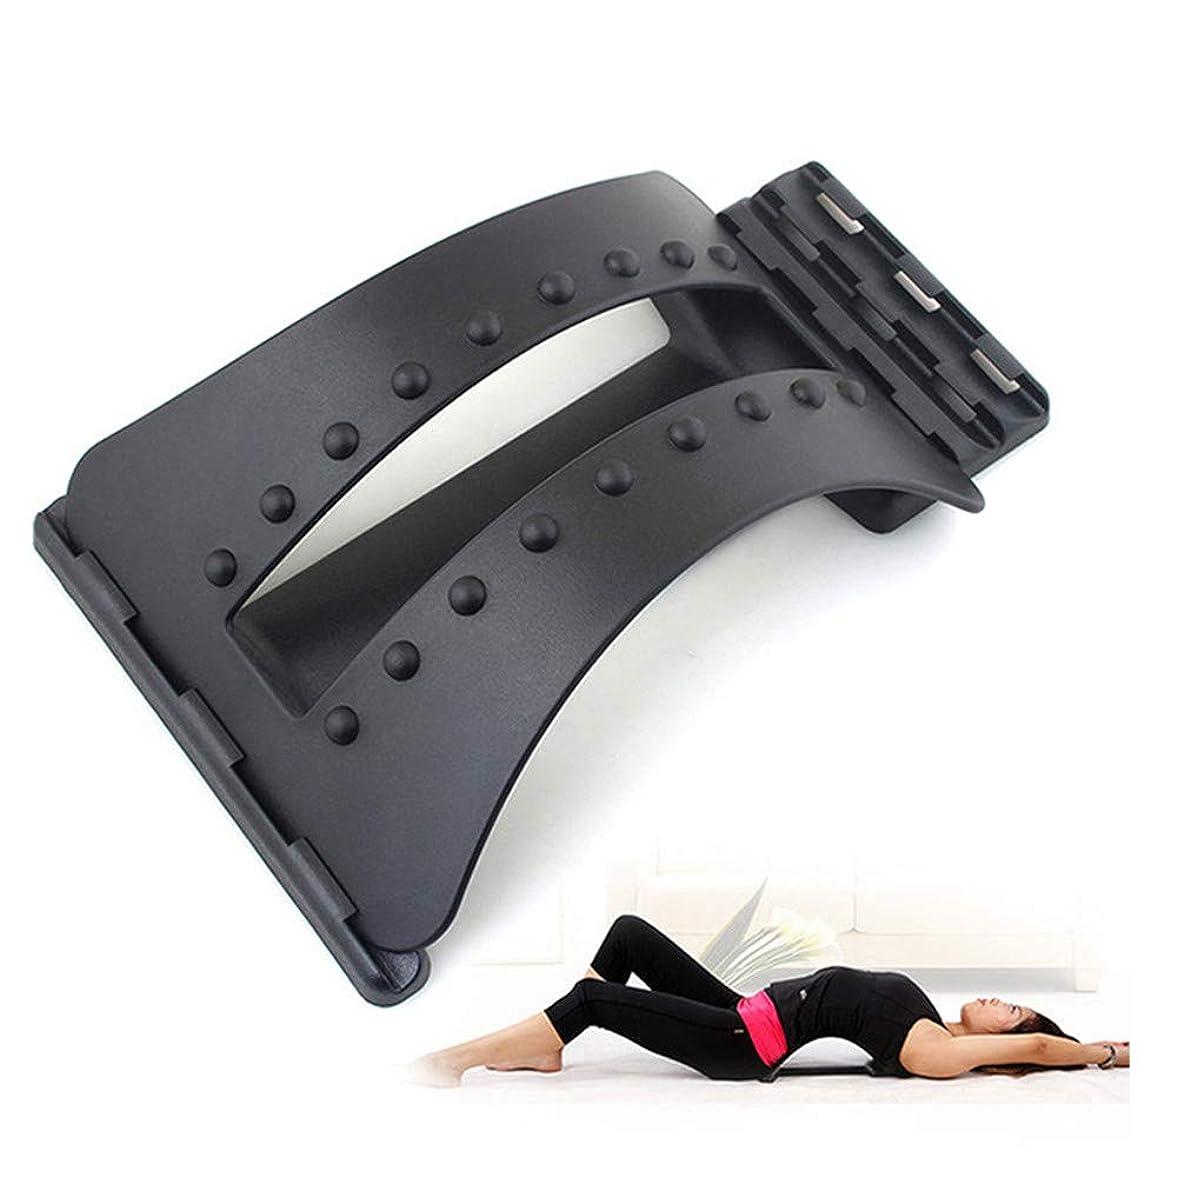 評価評議会シリアル背中マッサージストレッチャーフィットネスマッサージ機器ストレッチリラックスストレッチャー腰椎サポート脊椎疼痛救済カイロプラクティックドロップシップ